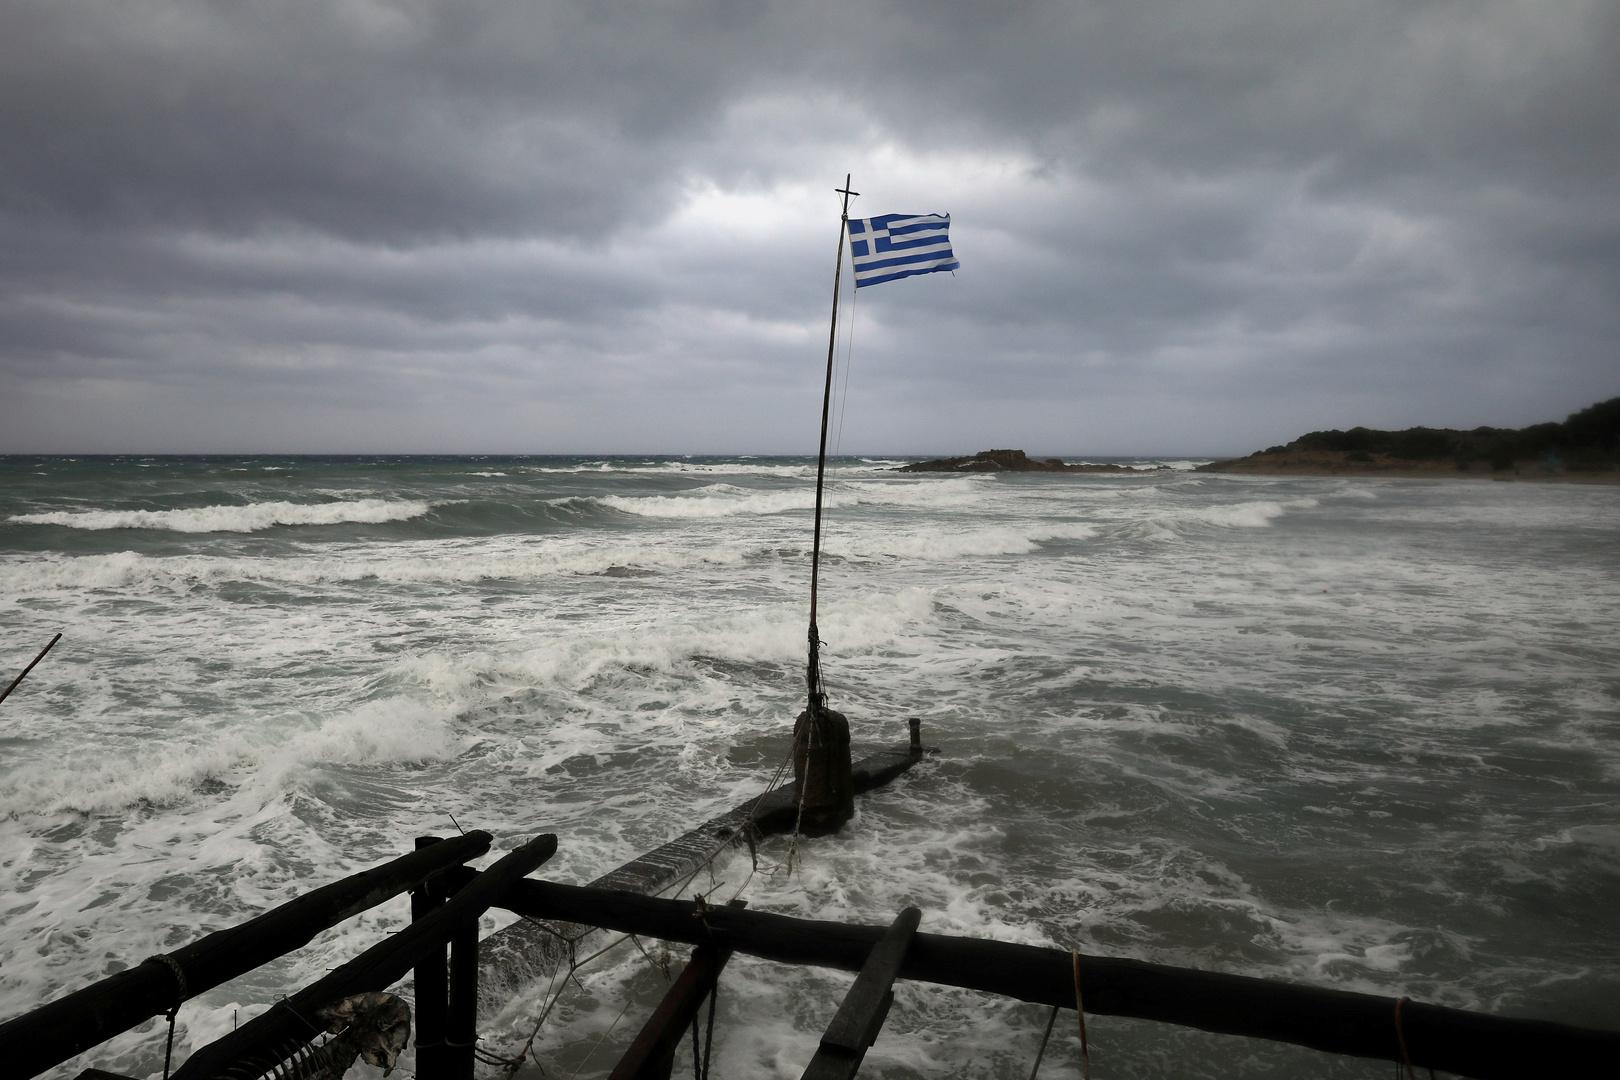 وسائل إعلام يونانية: اعتقال شخصين في رودس بتهمة التجسس لصالح تركيا